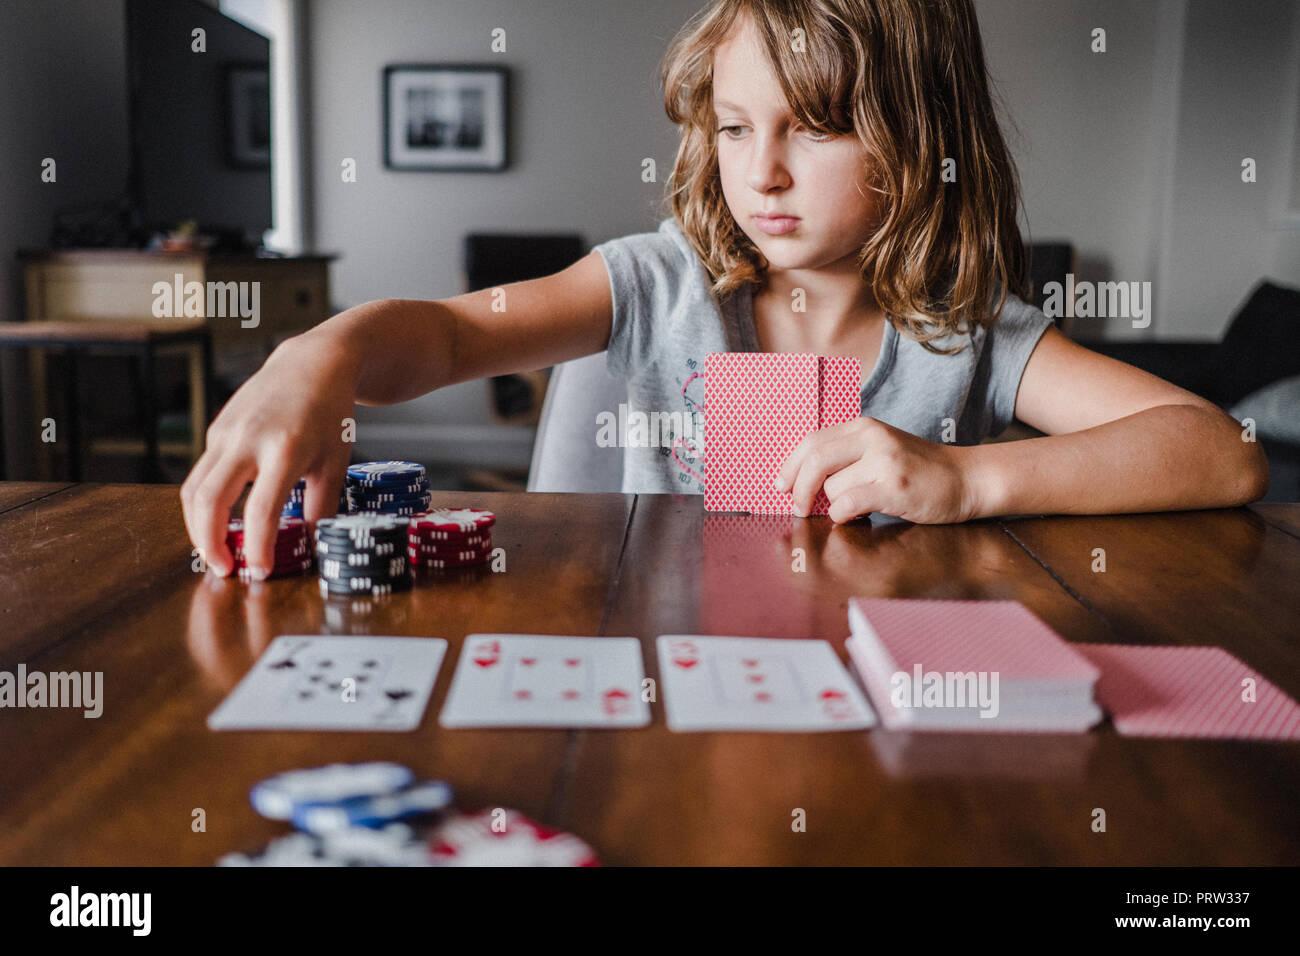 Chica jugando a las cartas en la mesa, apilando fichas de juego Imagen De Stock